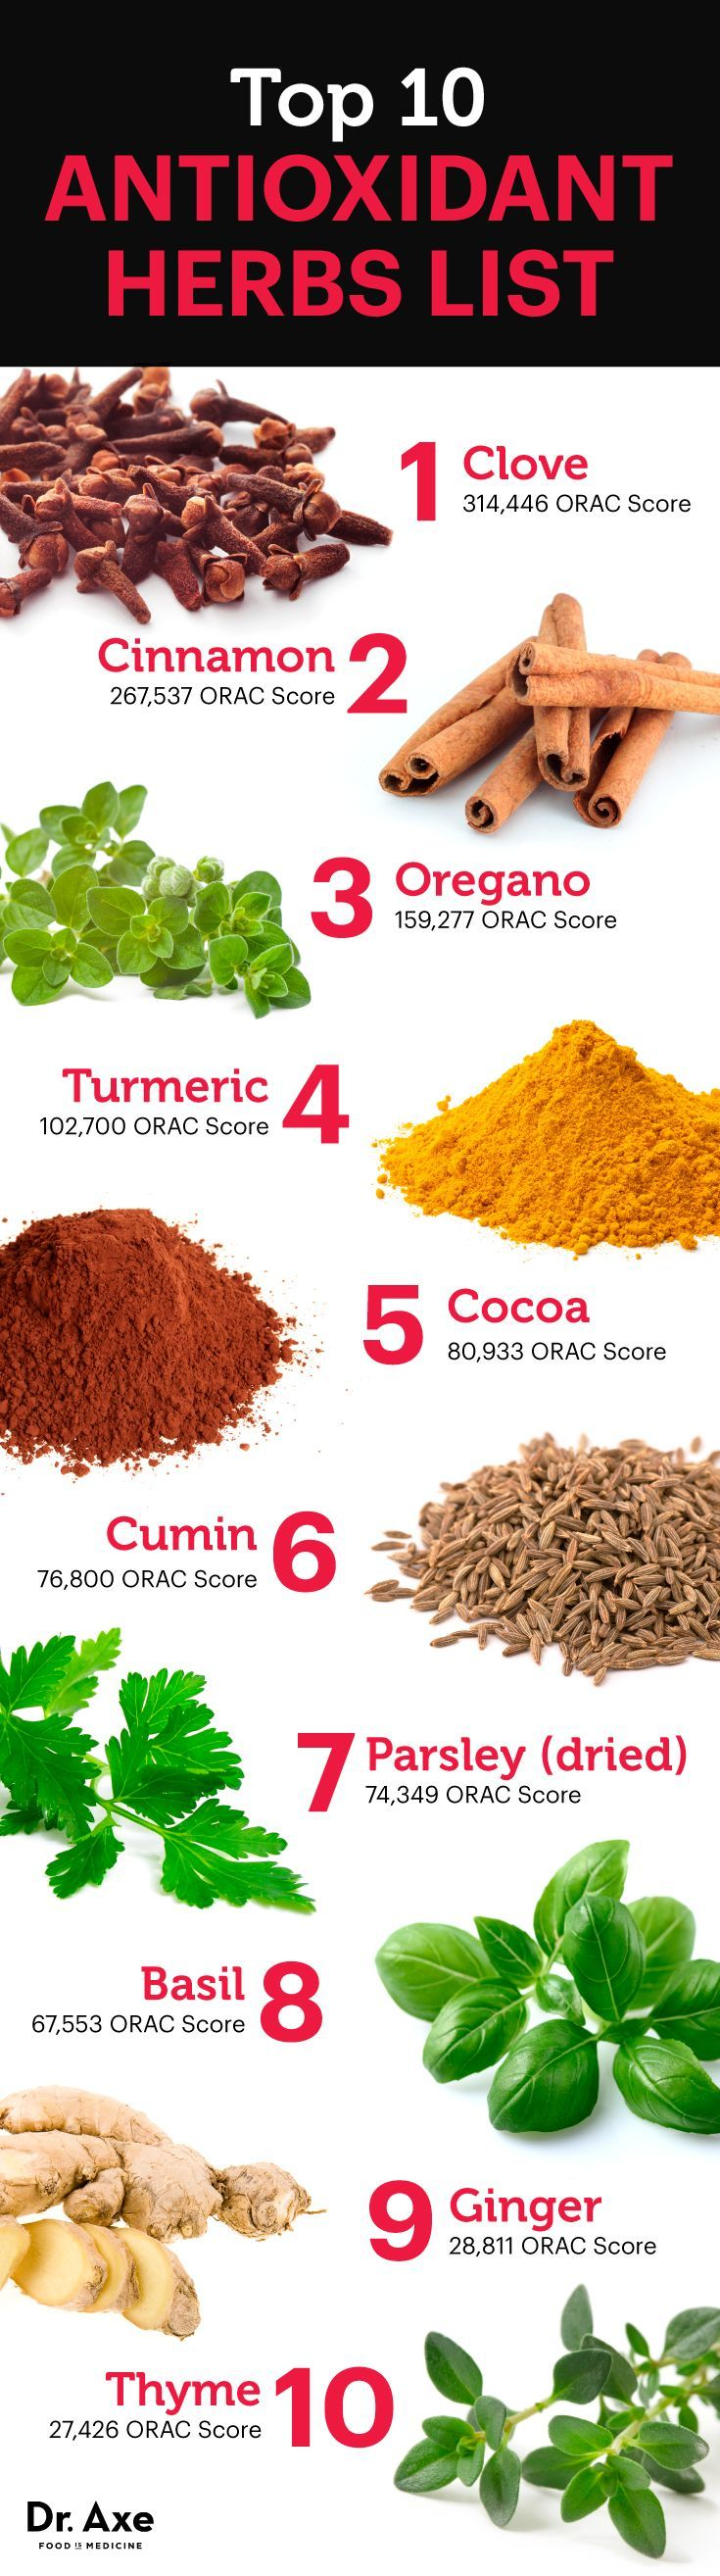 Top 10 High Antioxidant Foods - DrAxe.com  #kombuchaguru #organic Also check out: http://kombuchaguru.com